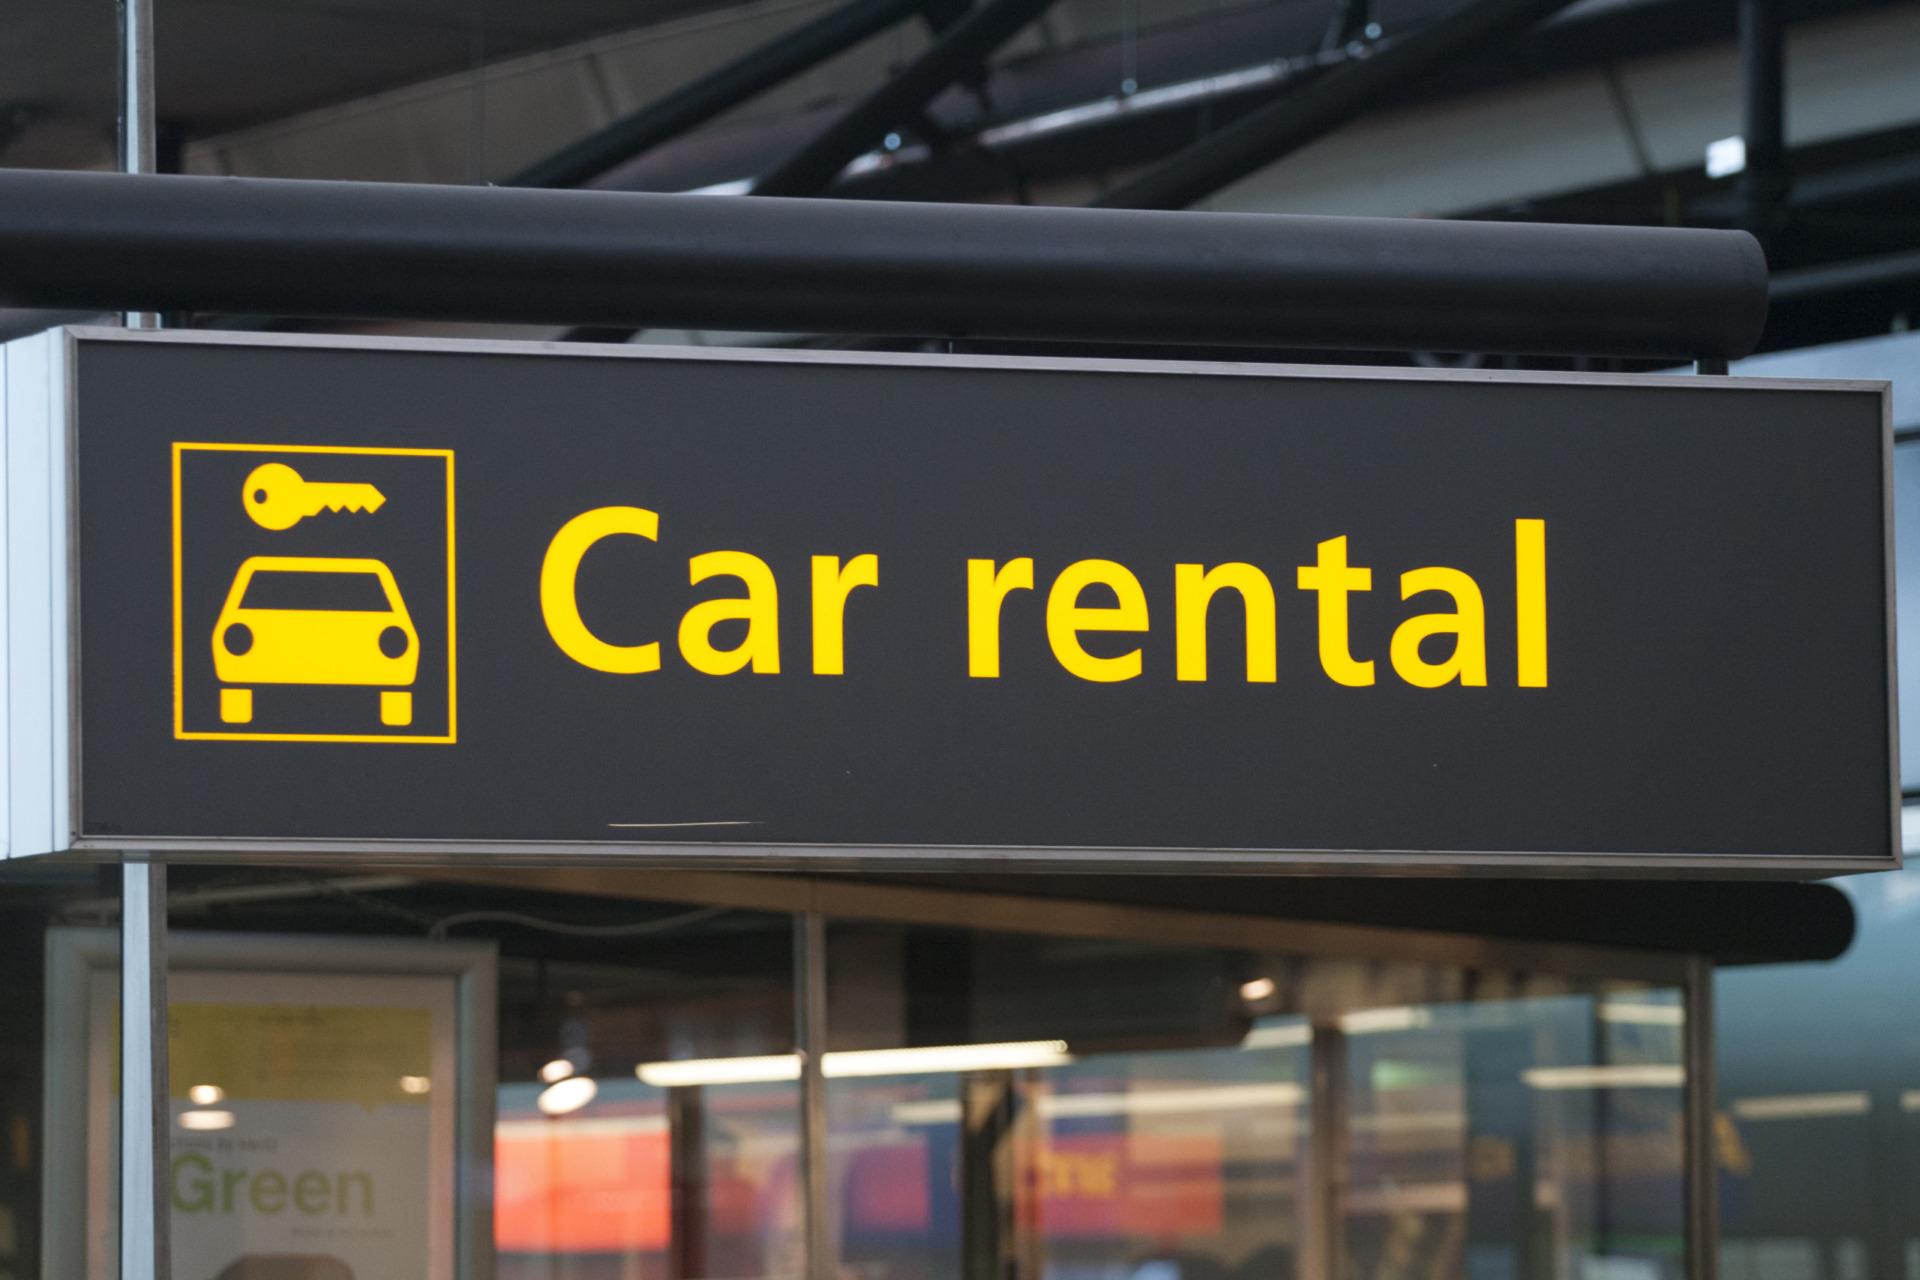 اجاره خودرو بدون راننده در خارج از کشور